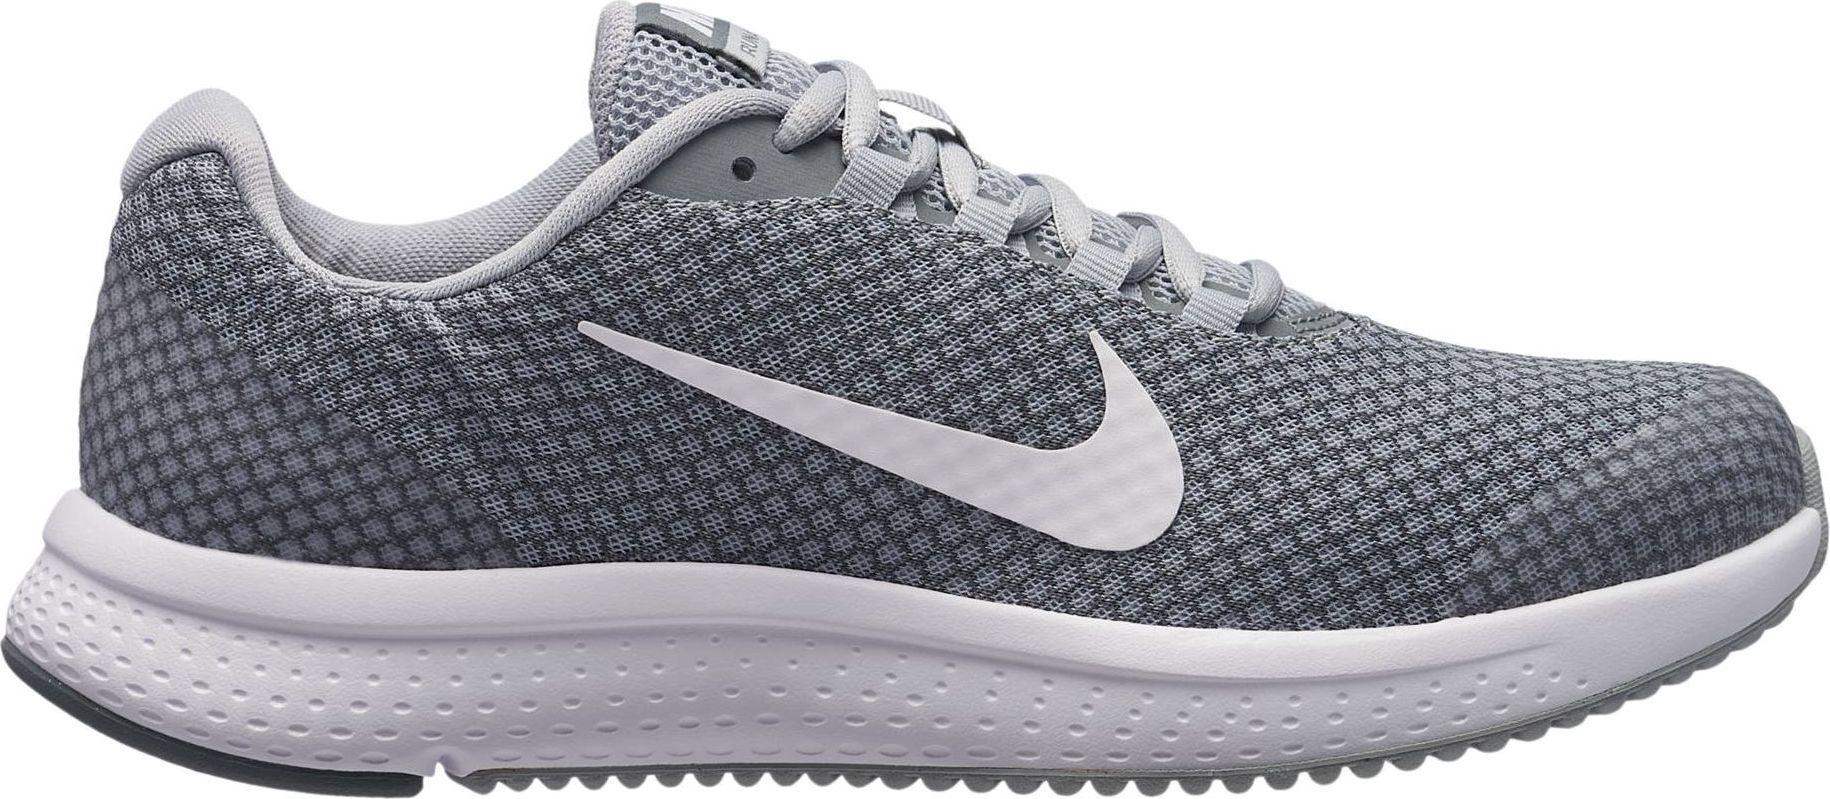 Кроссовки для бега женские Nike Run All Day, цвет: серый. 898484-016. Размер 6,5 (36,5)898484-016Женские беговые кроссовки Run All Day от Nike обеспечивают амортизацию и комфорт на любой дистанции. Система шнуровки в средней части стопы надежно фиксирует стопу, а подметка из мягкой резины и подошва из материала Phylon обеспечивают адаптивную амортизацию. Мягкий бортик обеспечивает дополнительный комфорт. Инжектированная подошва из материала Phylon для адаптивной амортизации. Сетка верха Engineered Mesh обеспечивает вентиляцию и поддержку в ключевых зонах. Вафельная подметка из мягкой резины для надежного сцепления с различными поверхностями.